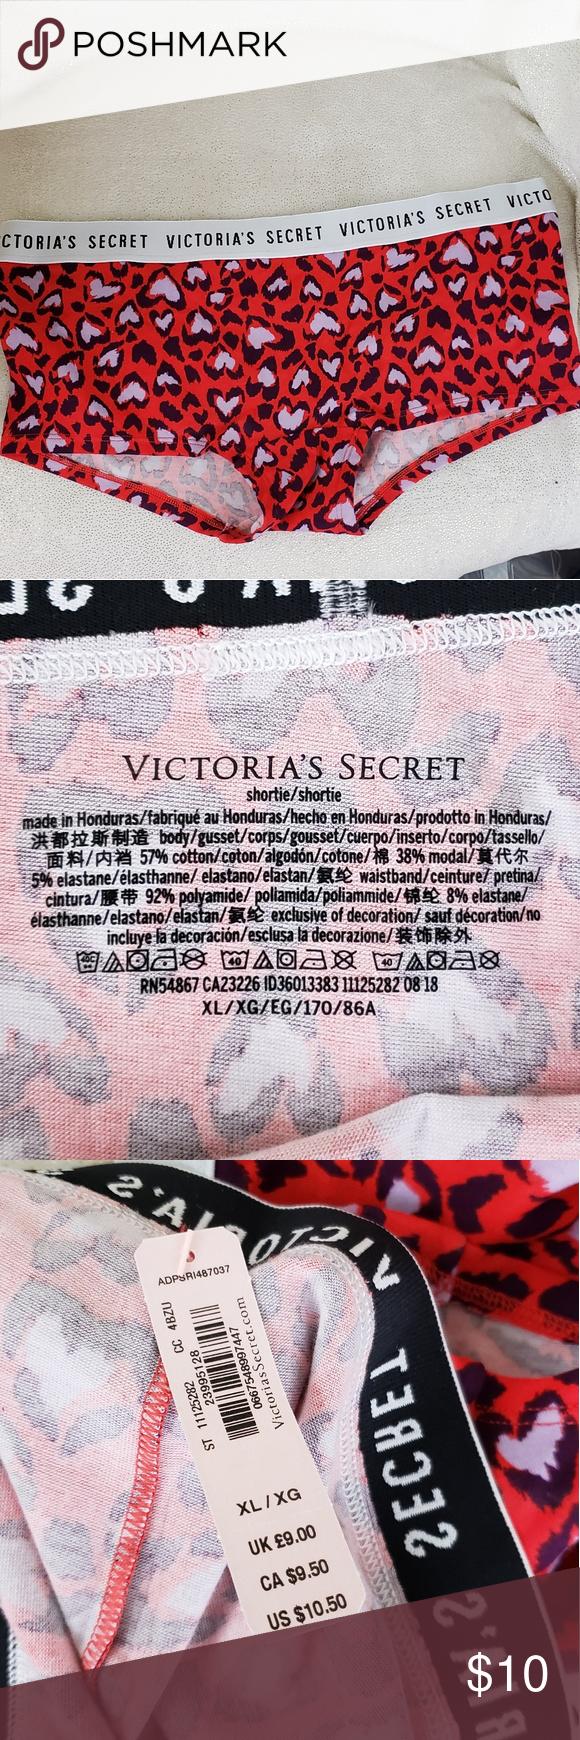 Victoria's Secret Shortie Panties